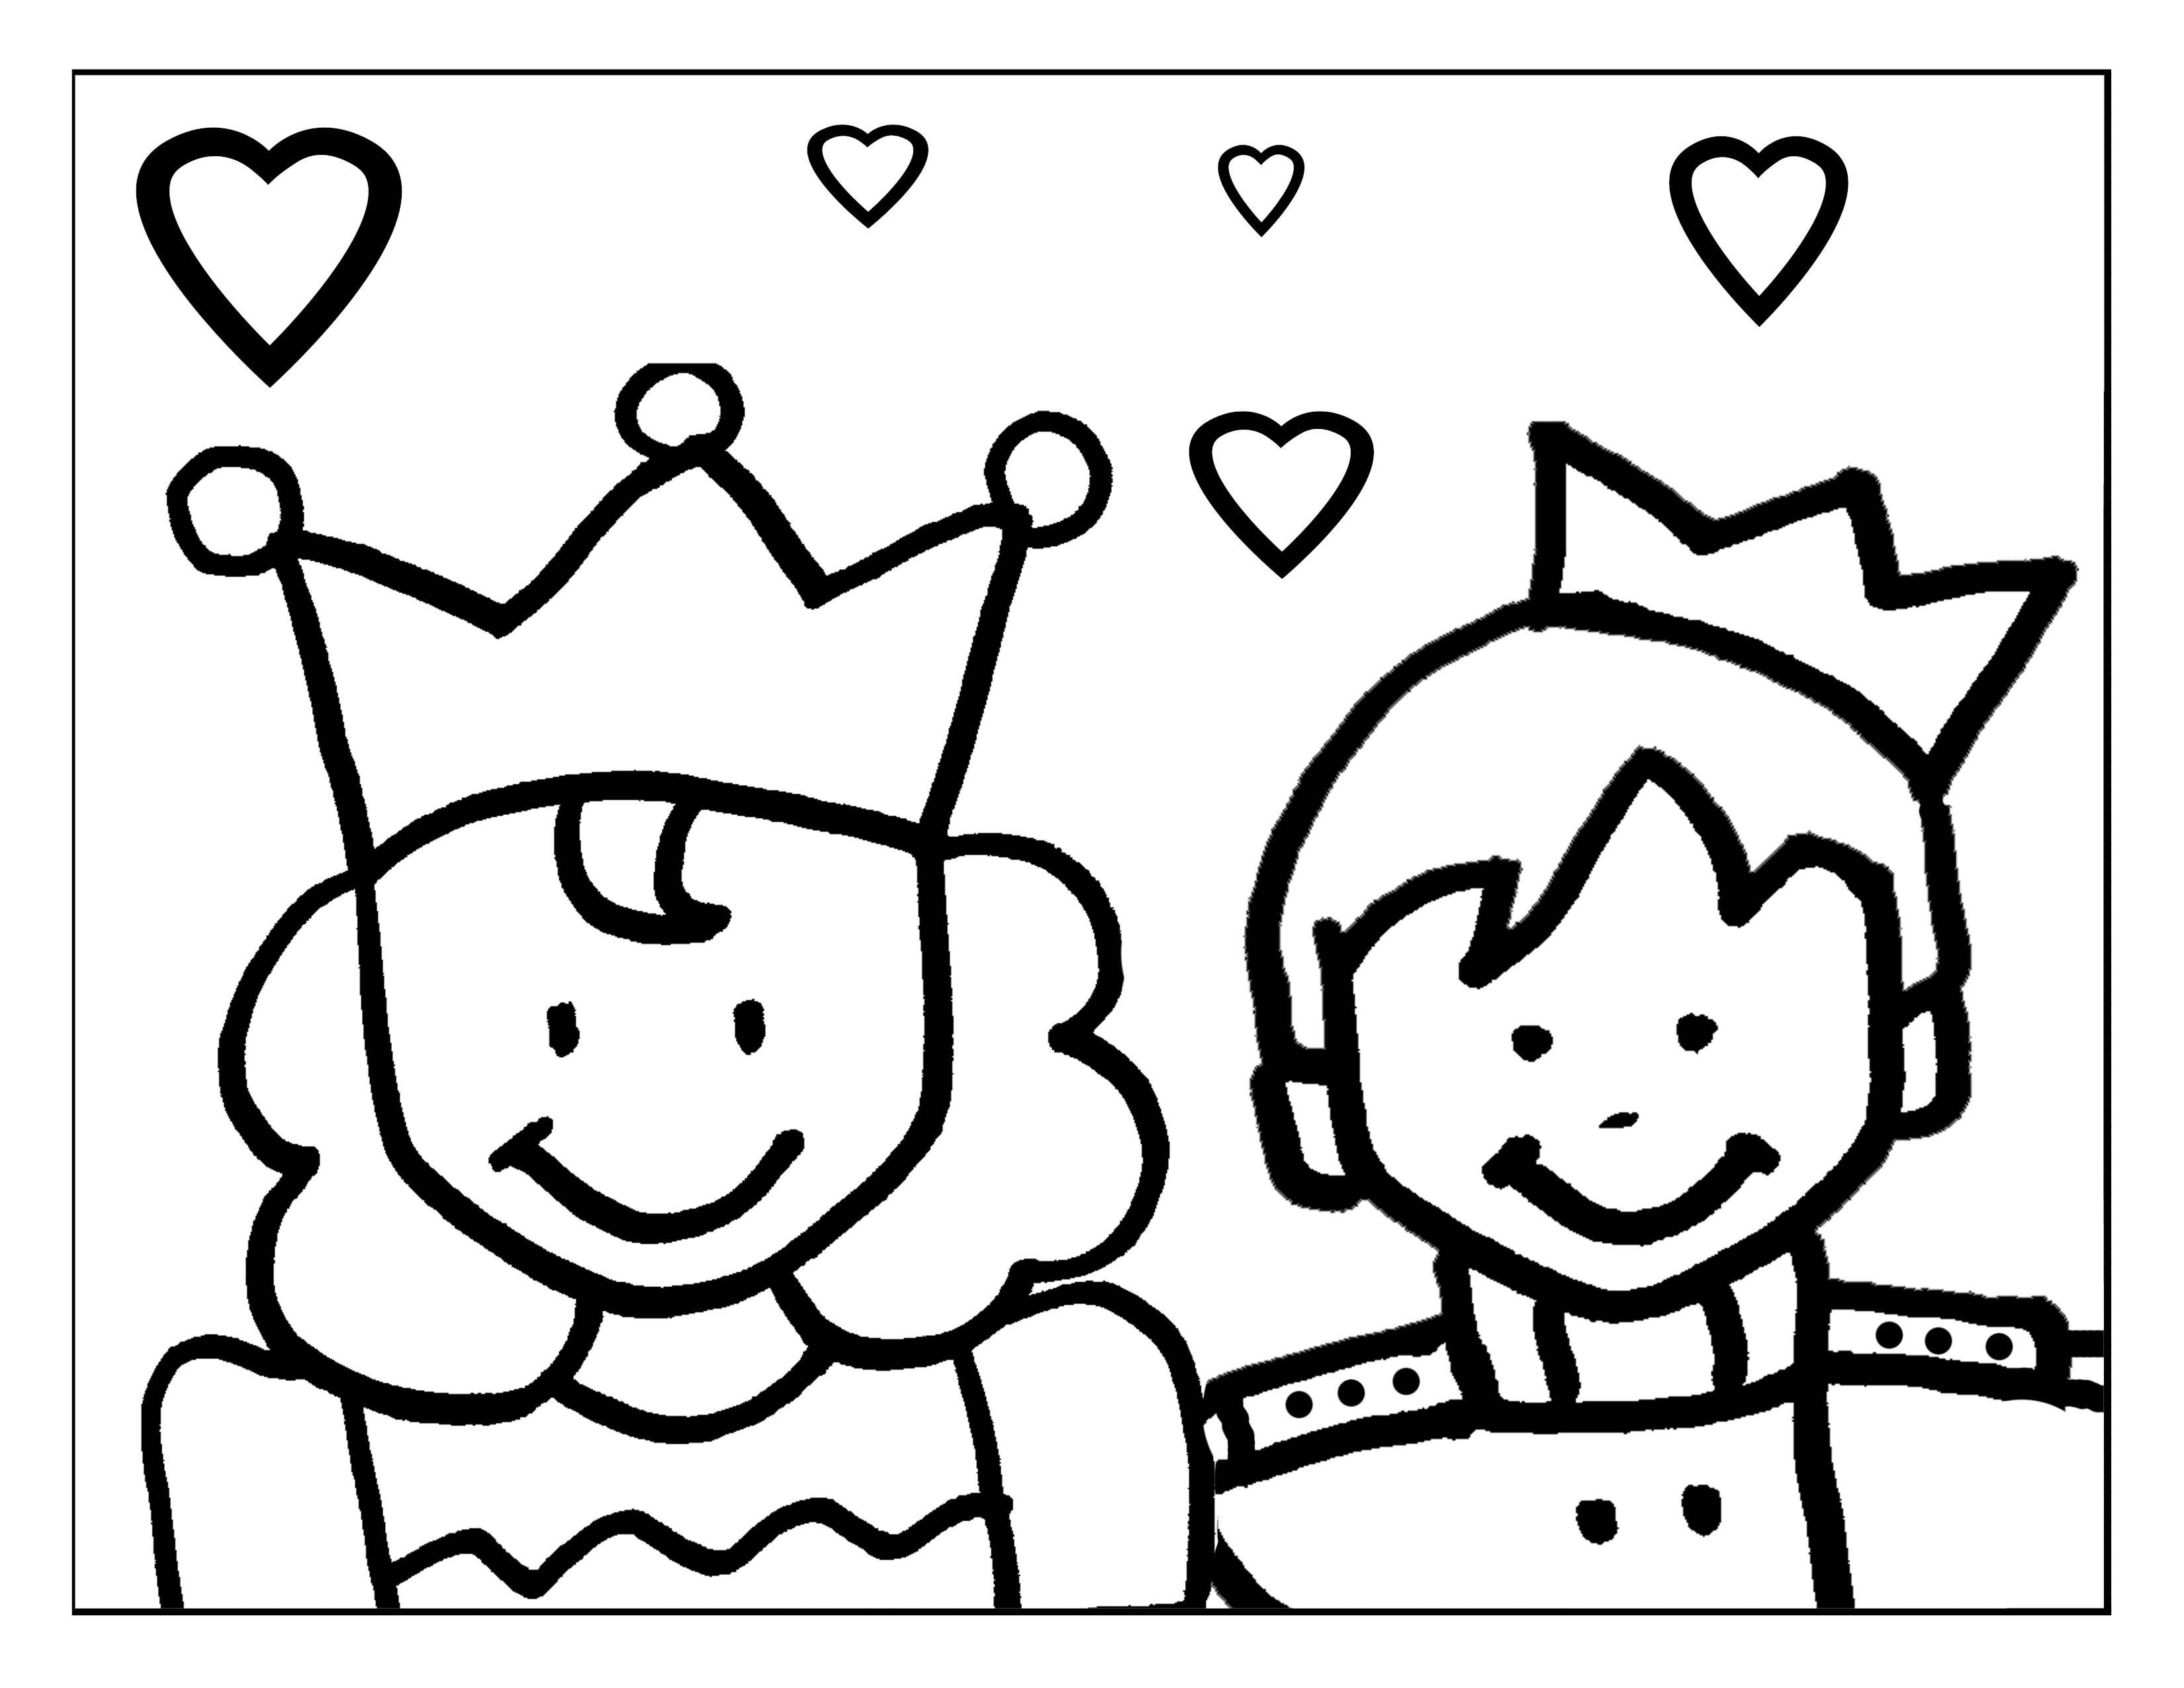 """Dibujos De Principes Y Princesas Para Colorear: """"El Príncipe Archimboldo"""" (cuento Maravilloso)"""